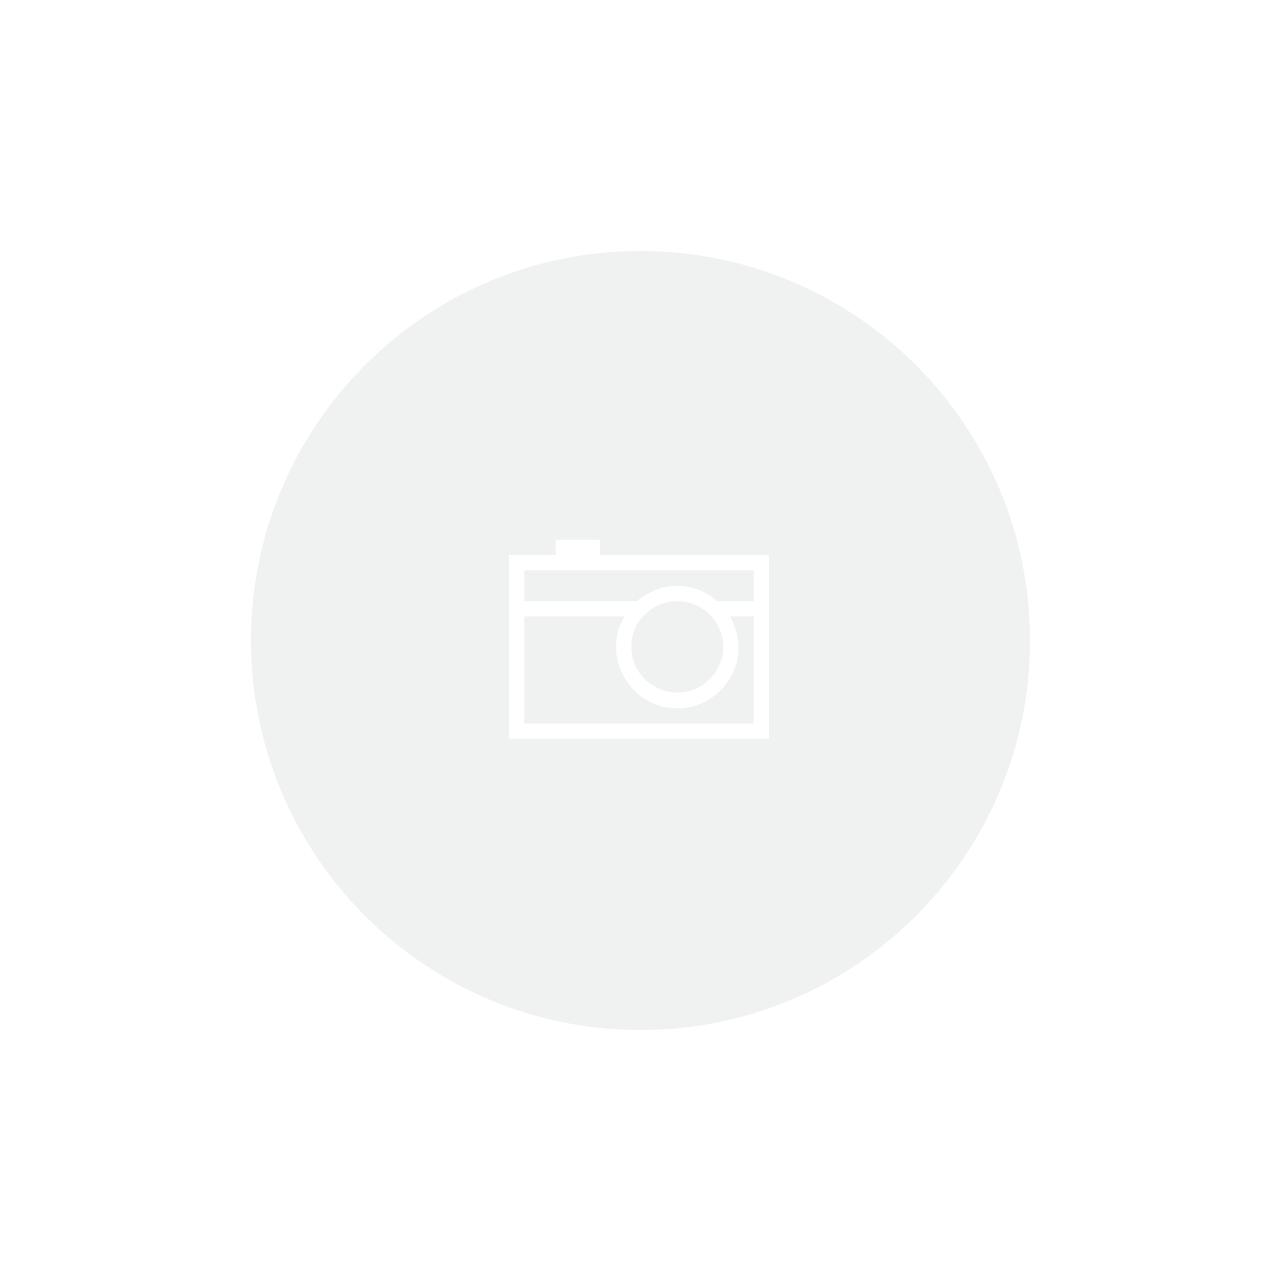 Máquina de Tosa A6 Comfort + Jogo de Adaptador 10